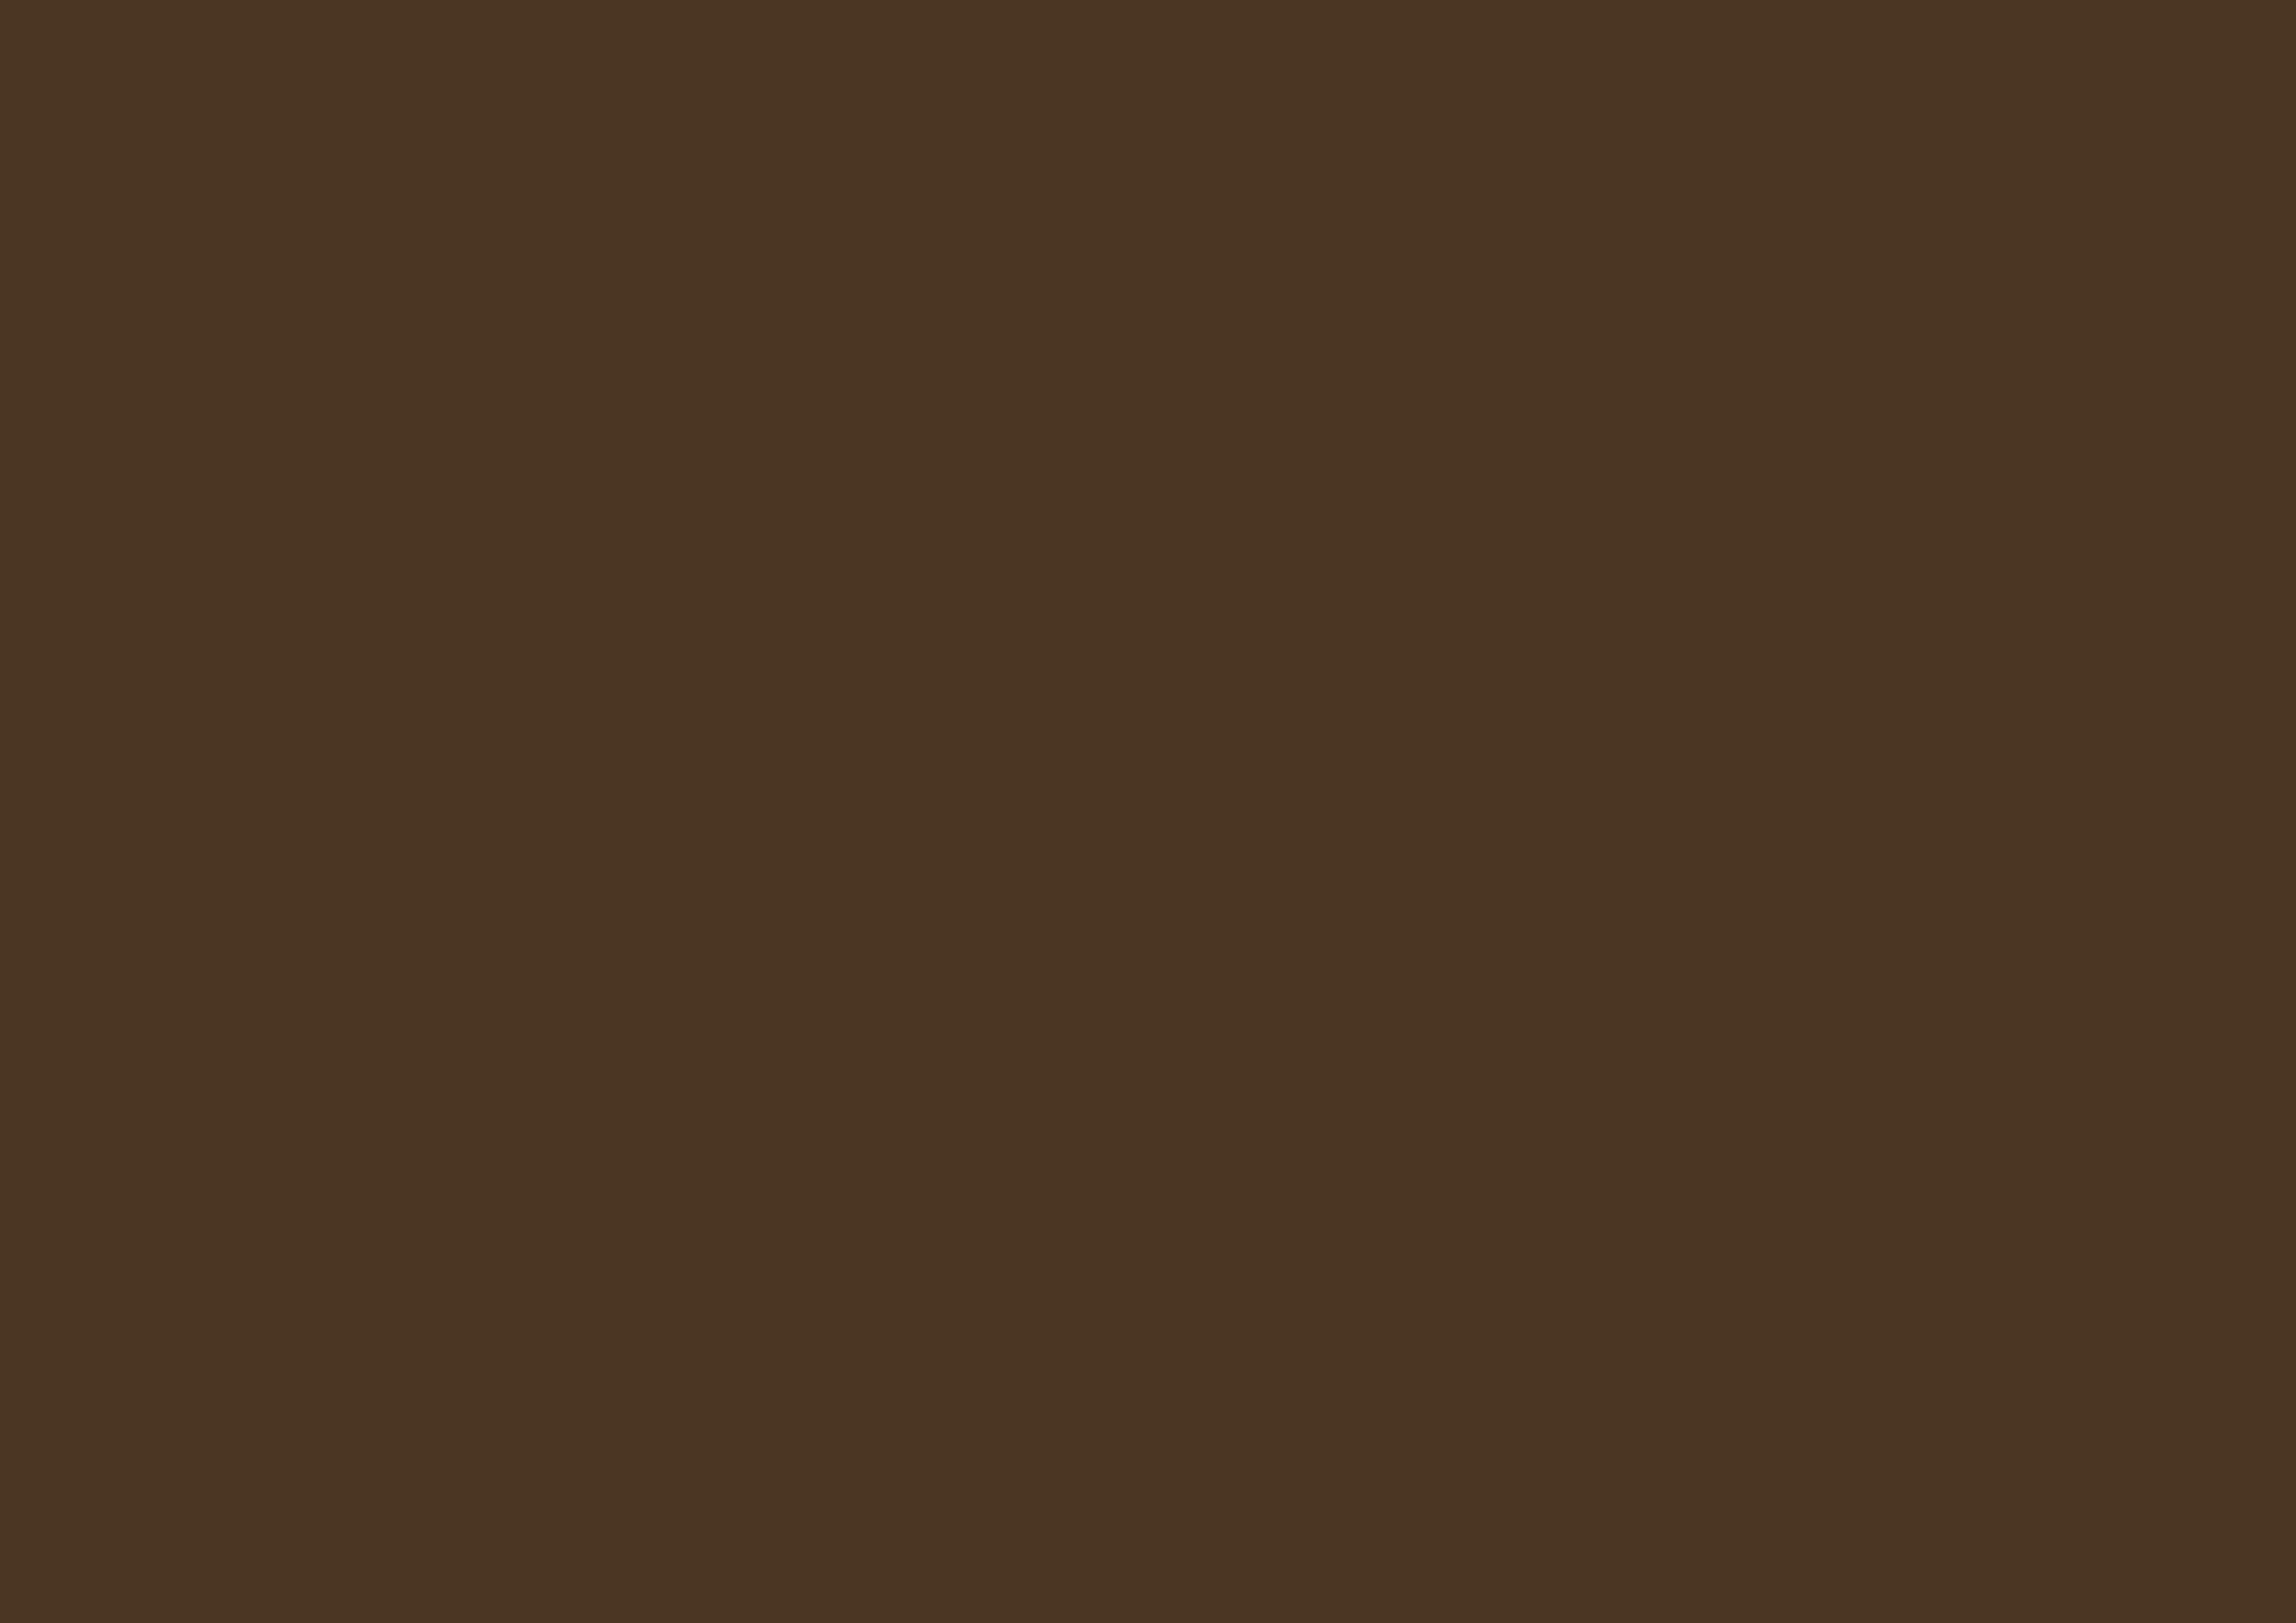 3508x2480 Cafe Noir Solid Color Background